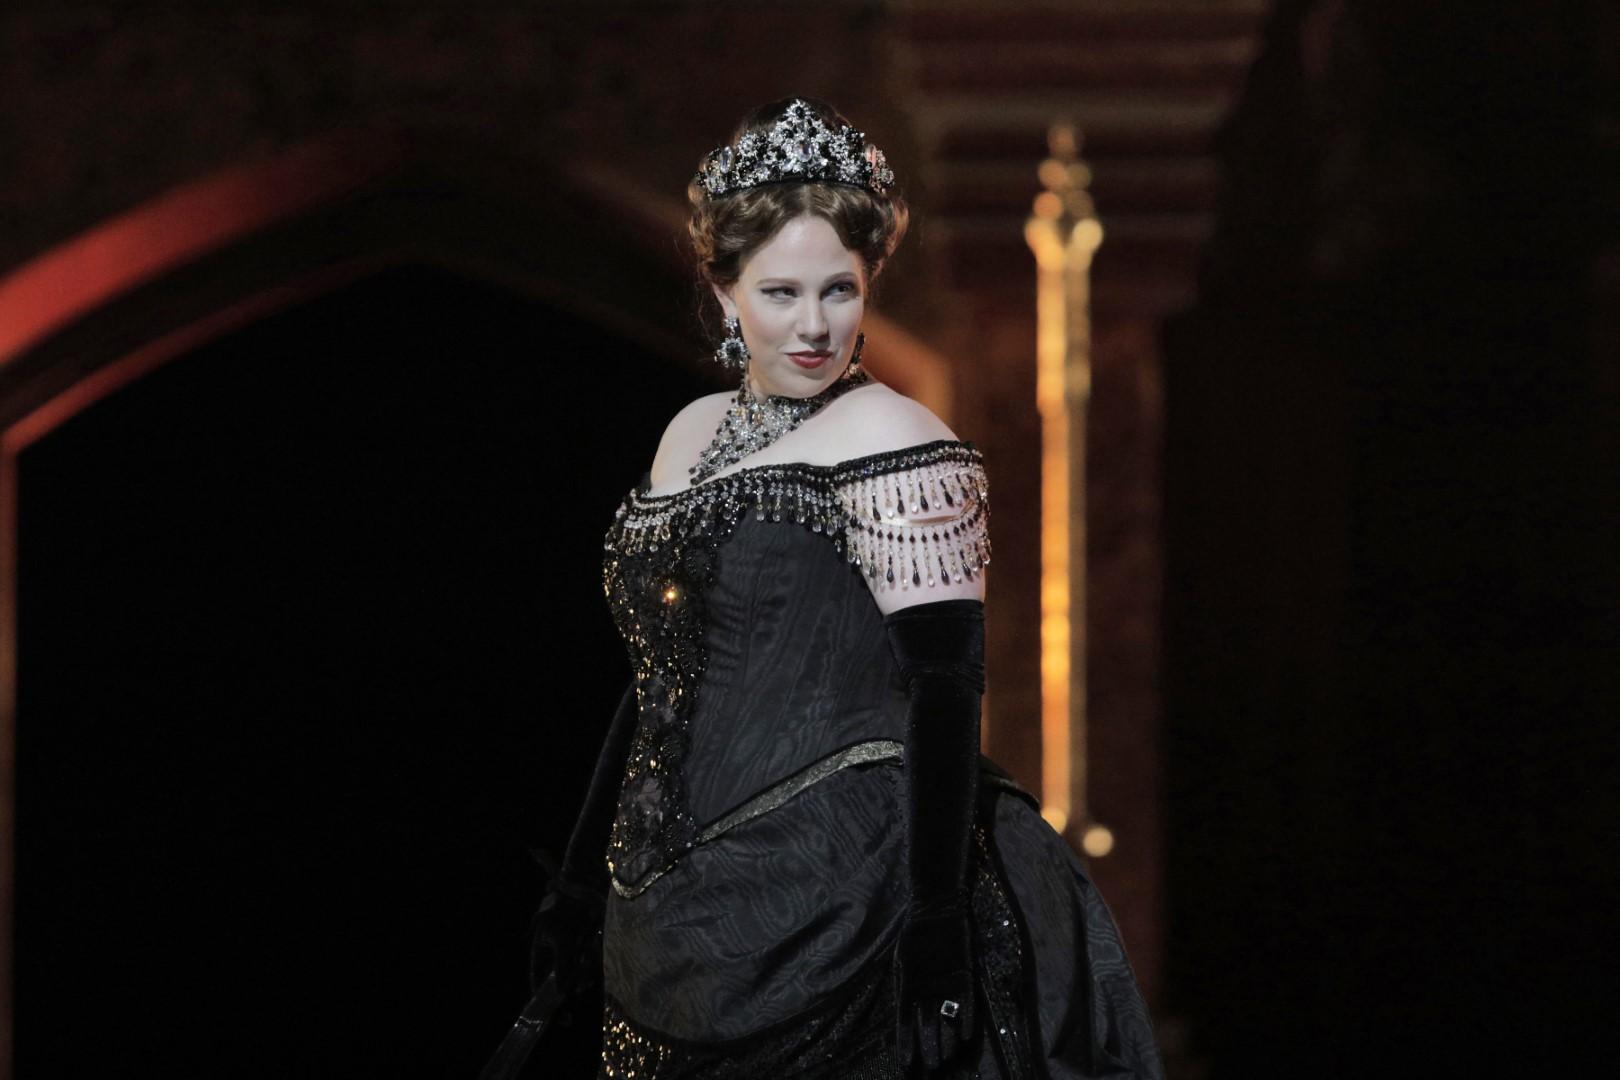 Sarah Cambidge as the Foreign Princess